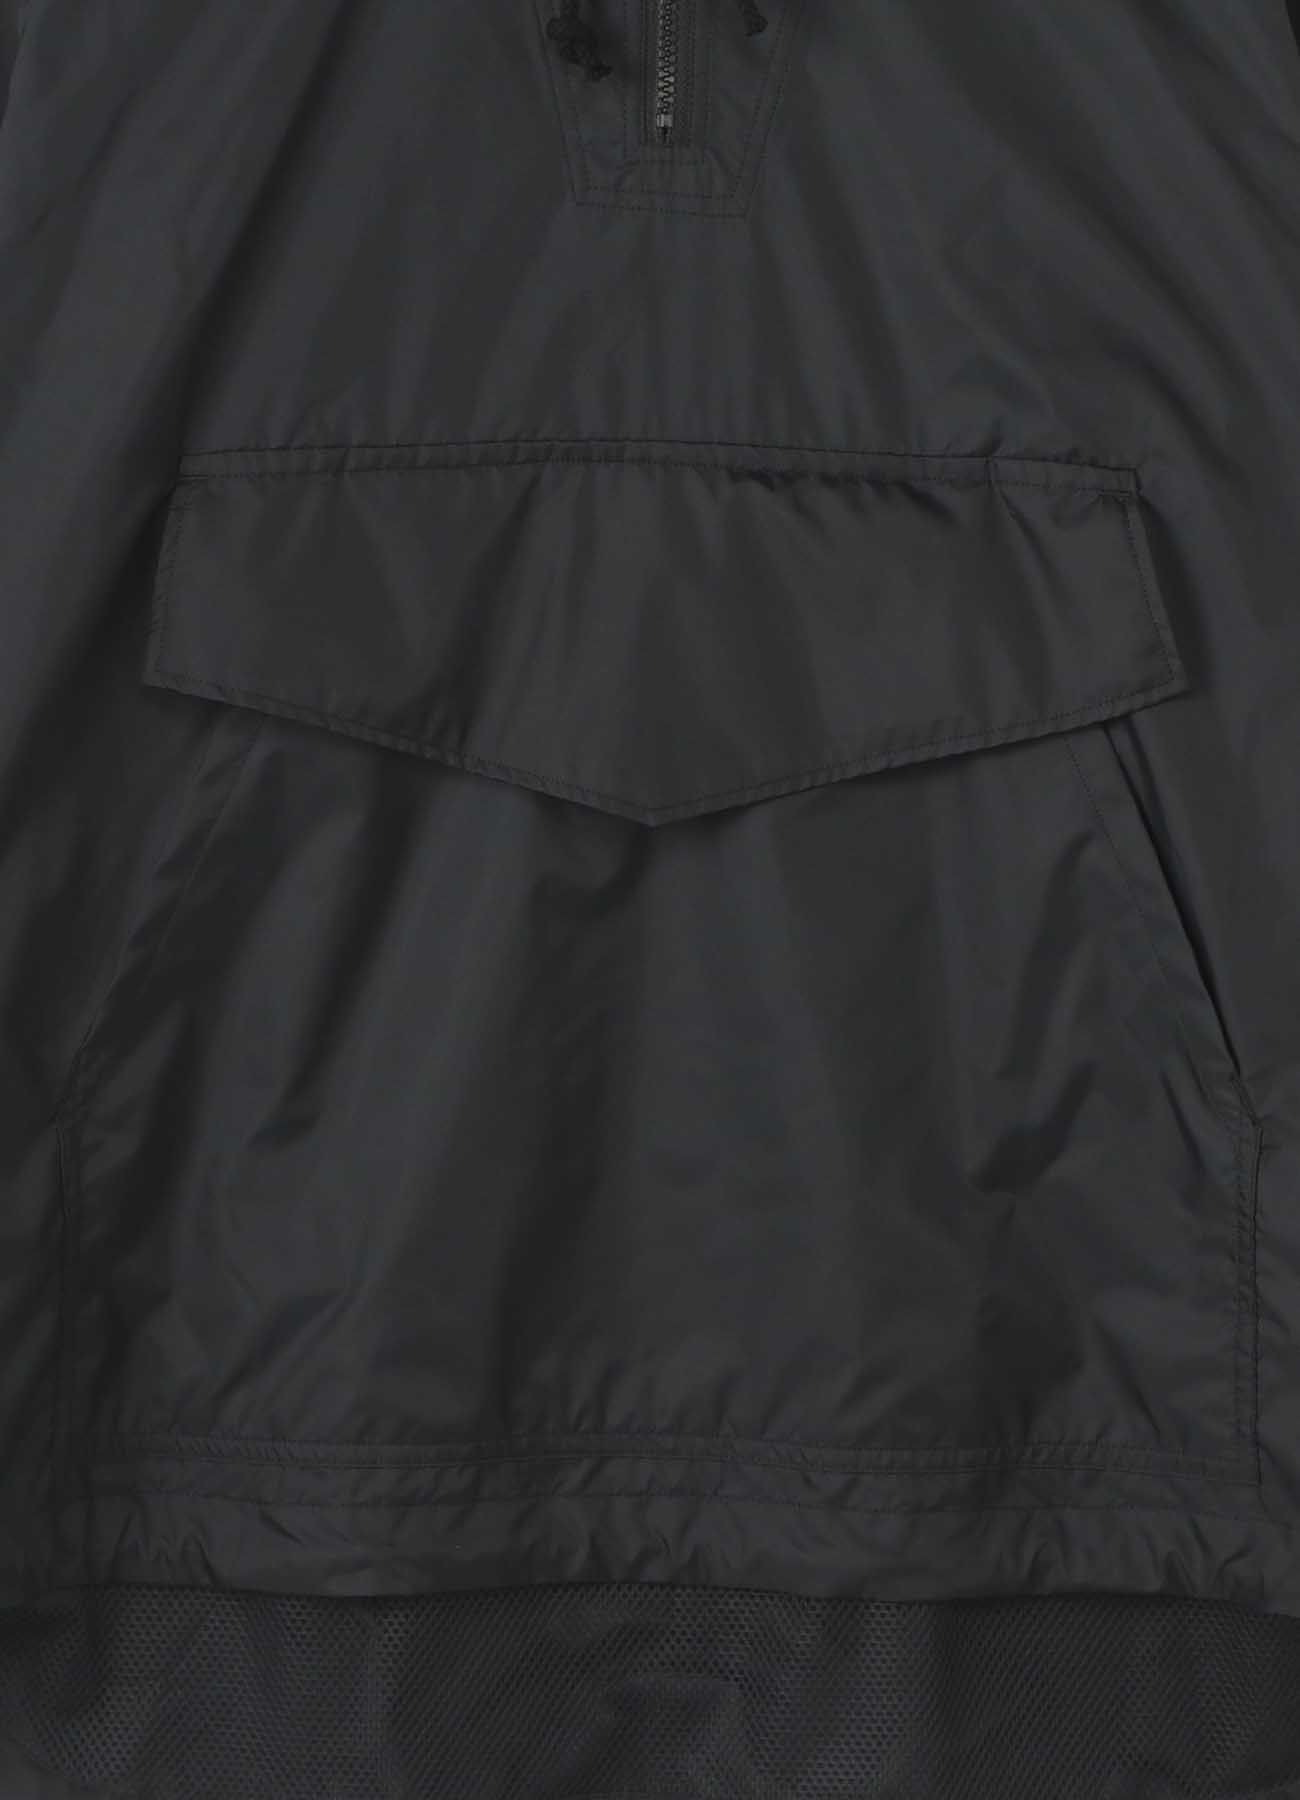 Nylon Taffeta Mesh Military Pullover Anorak